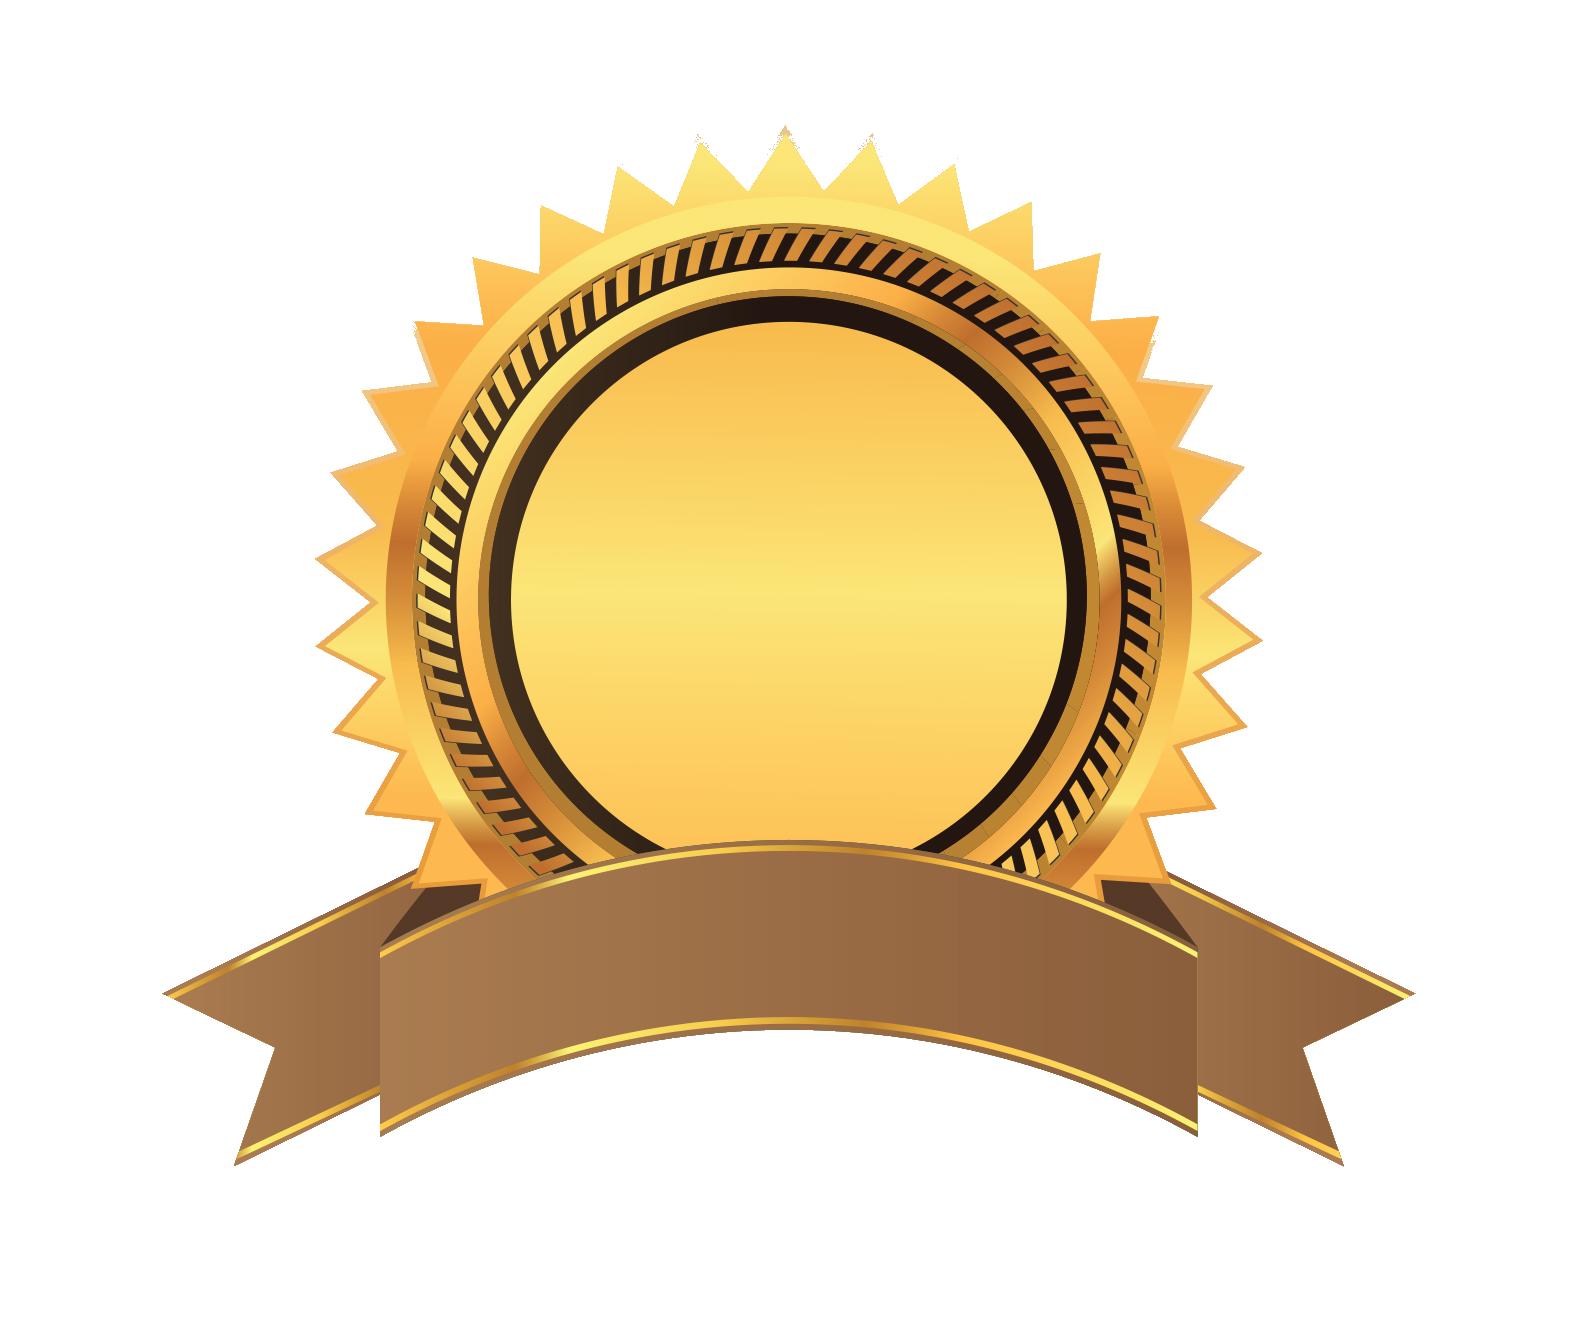 Award PNG - 24079